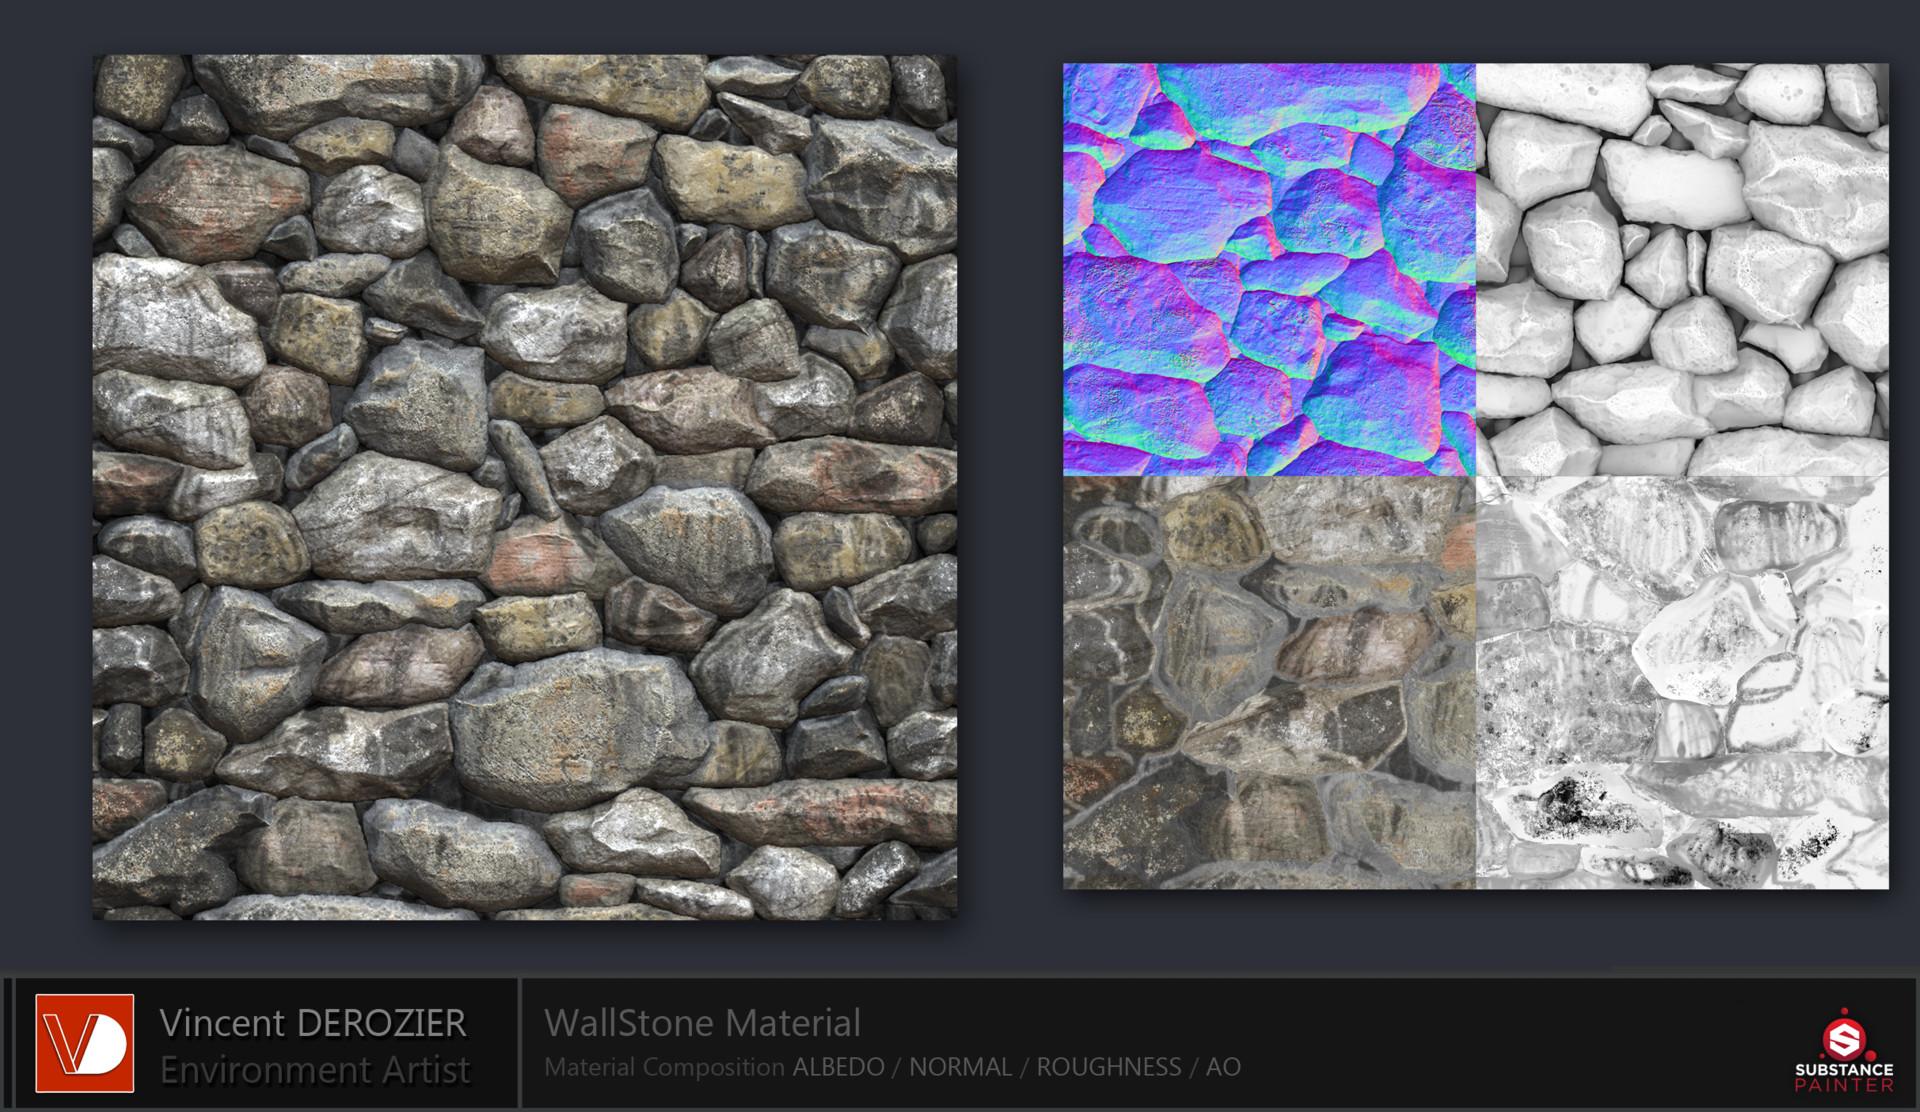 Vincent derozier wallstone 01 c